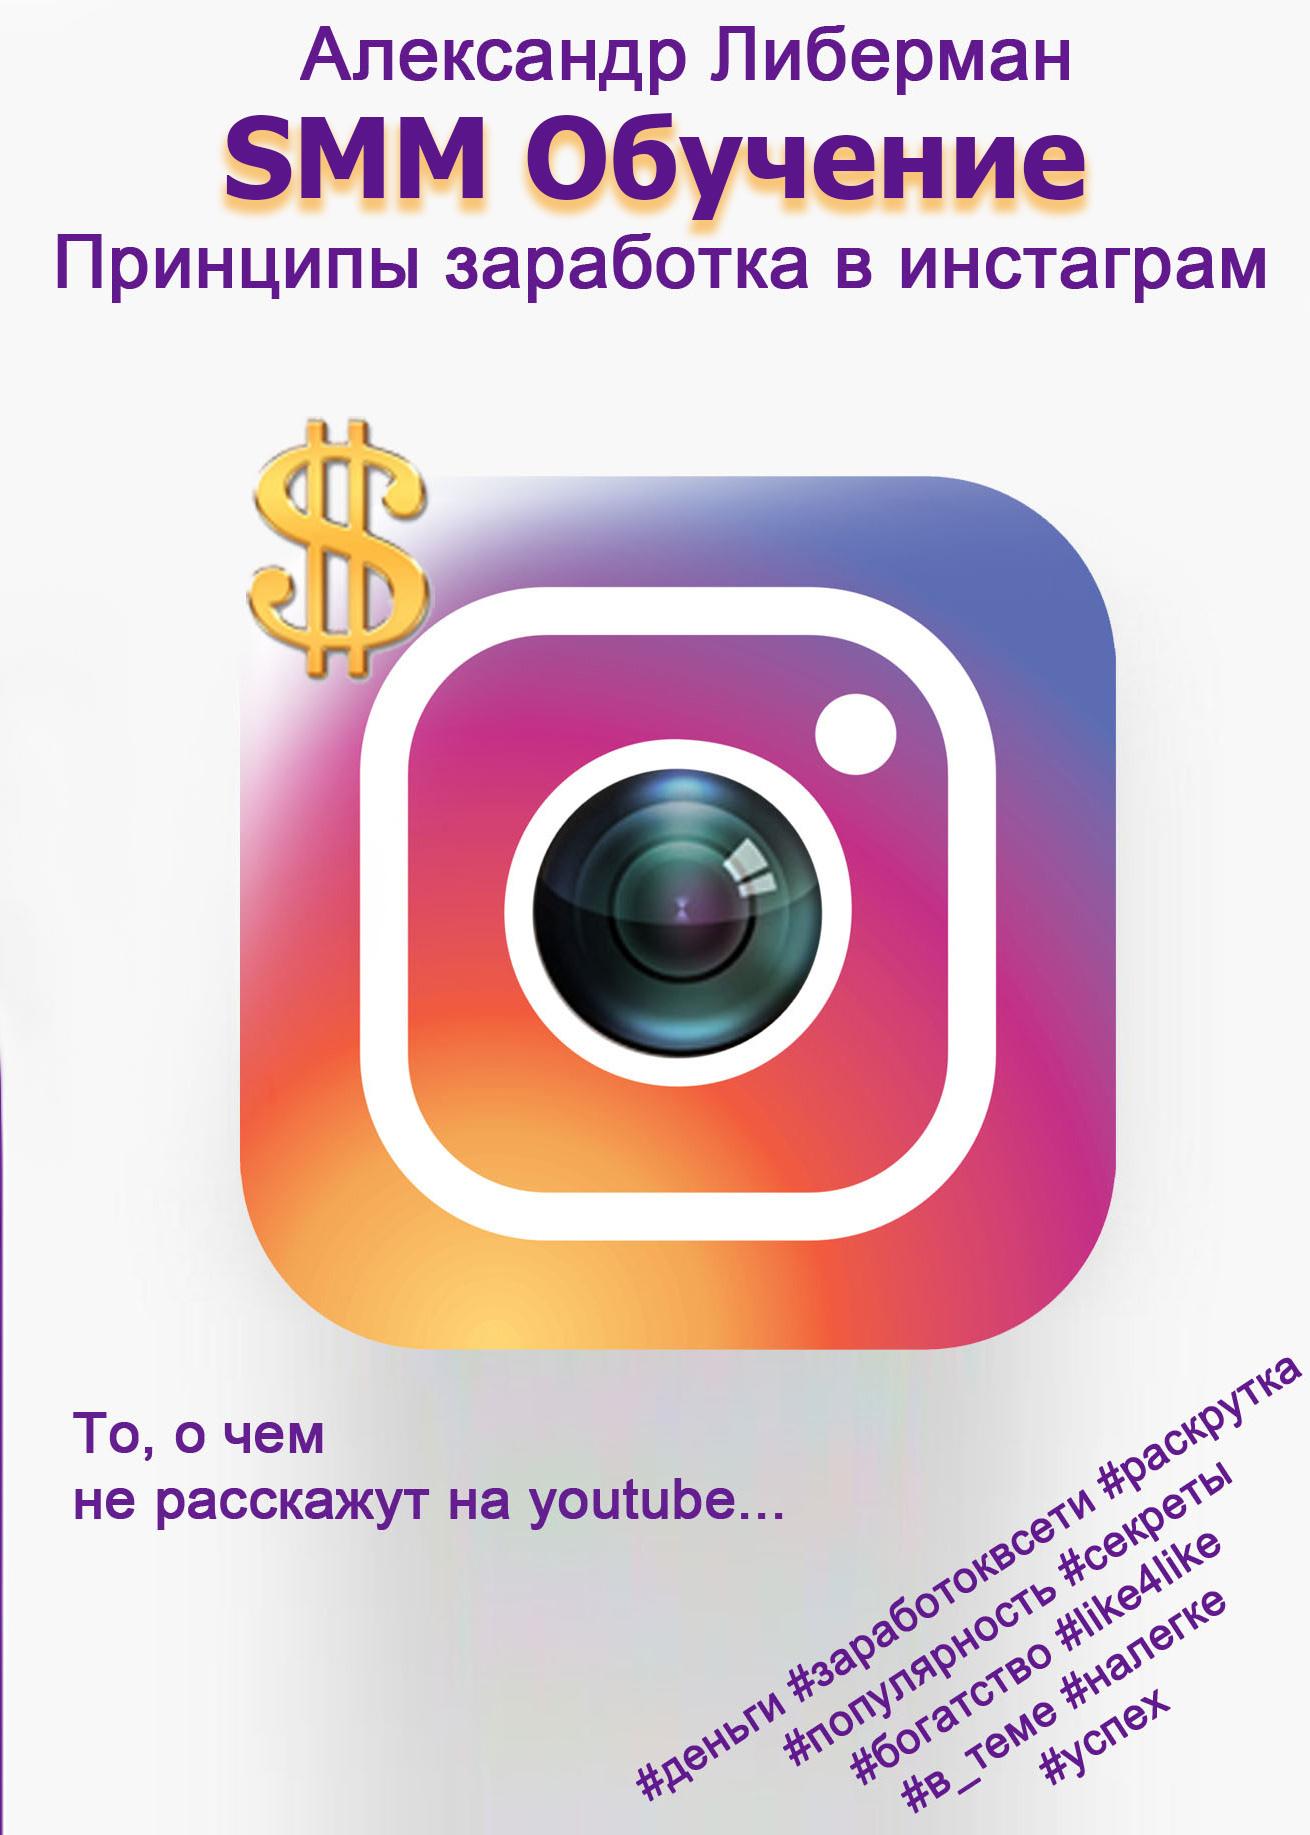 Александр Либерман. SMM Обучение. Принципы заработка в Instagram